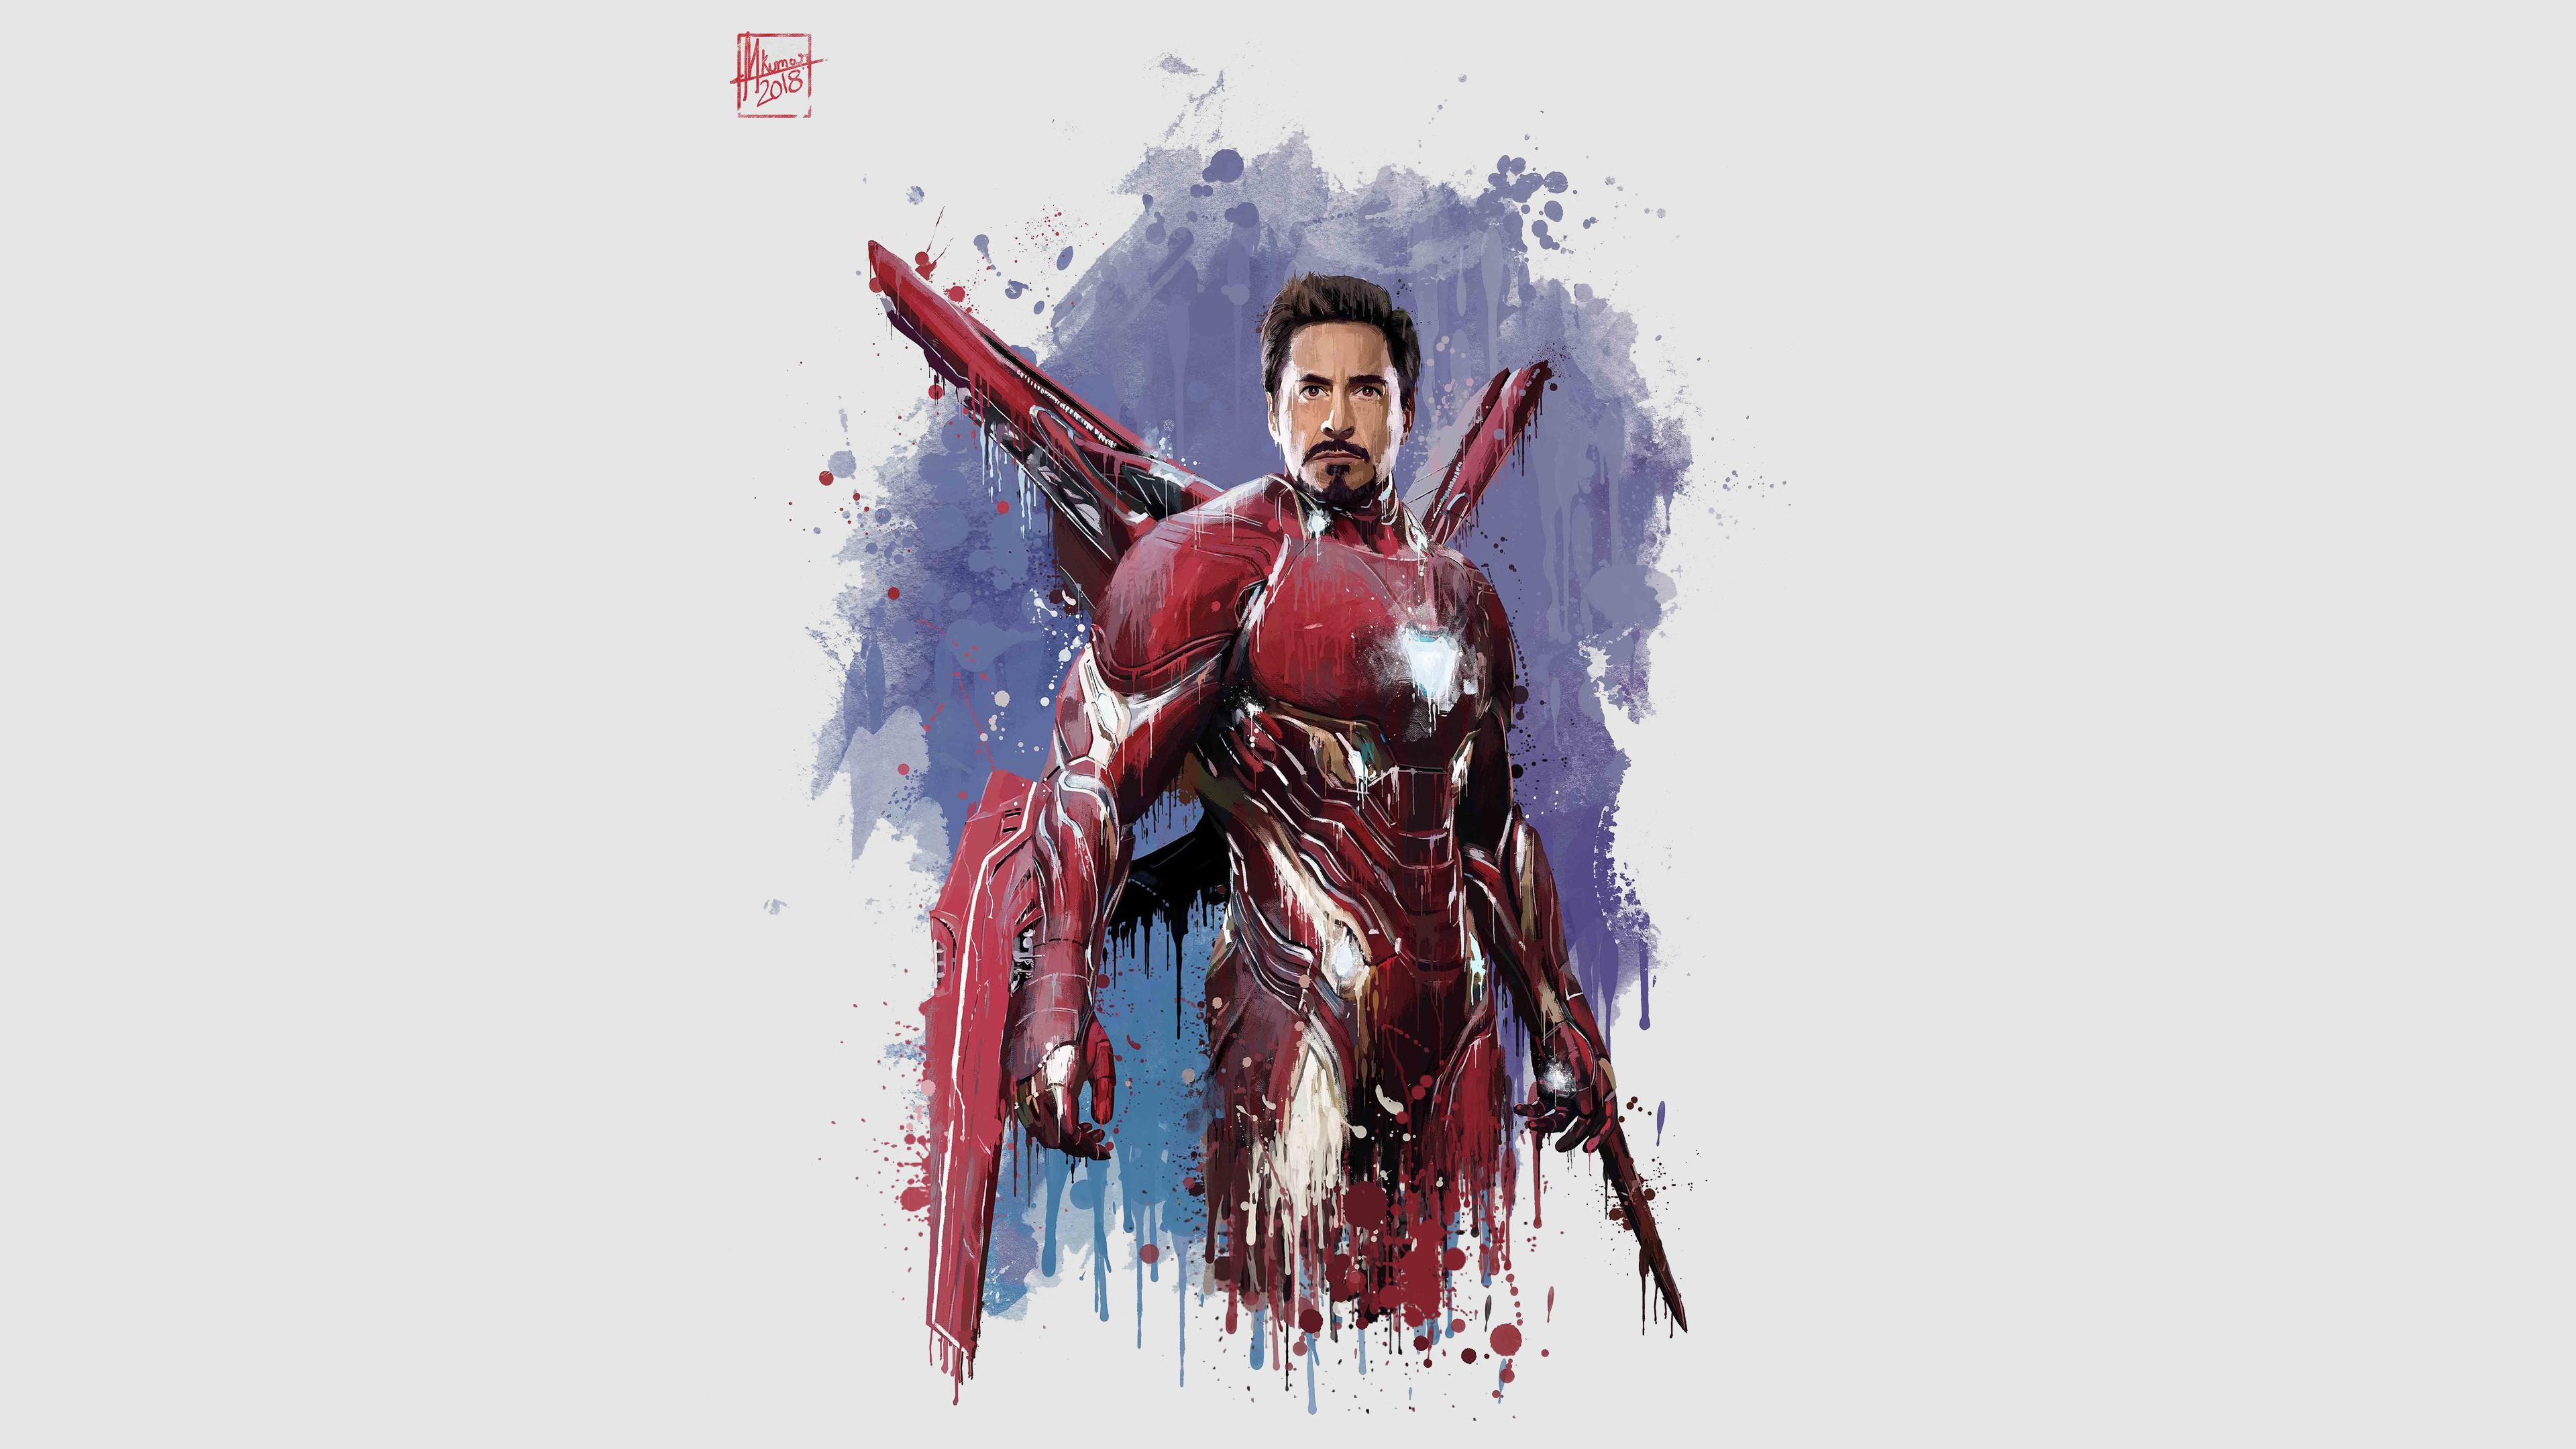 18+] Iron Man Infinity War 4K Wallpapers on WallpaperSafari